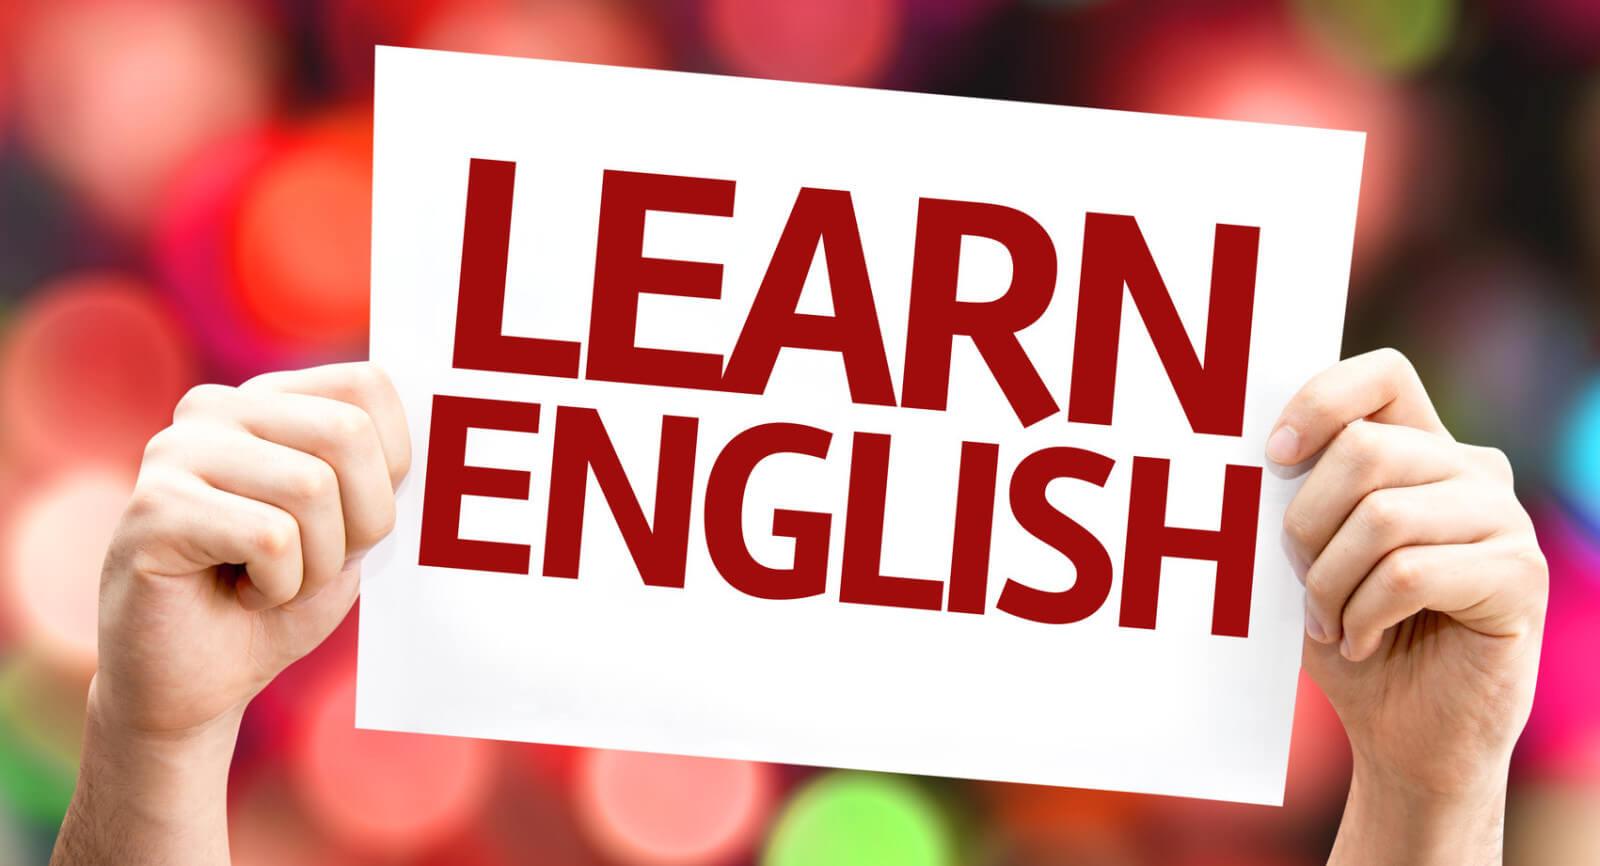 ئەتەوێ یانزە هەزار وشەی ئینگلیزی بە گرەنتی فێربیت تا هەتایە لەبیری نەکەیت ؟